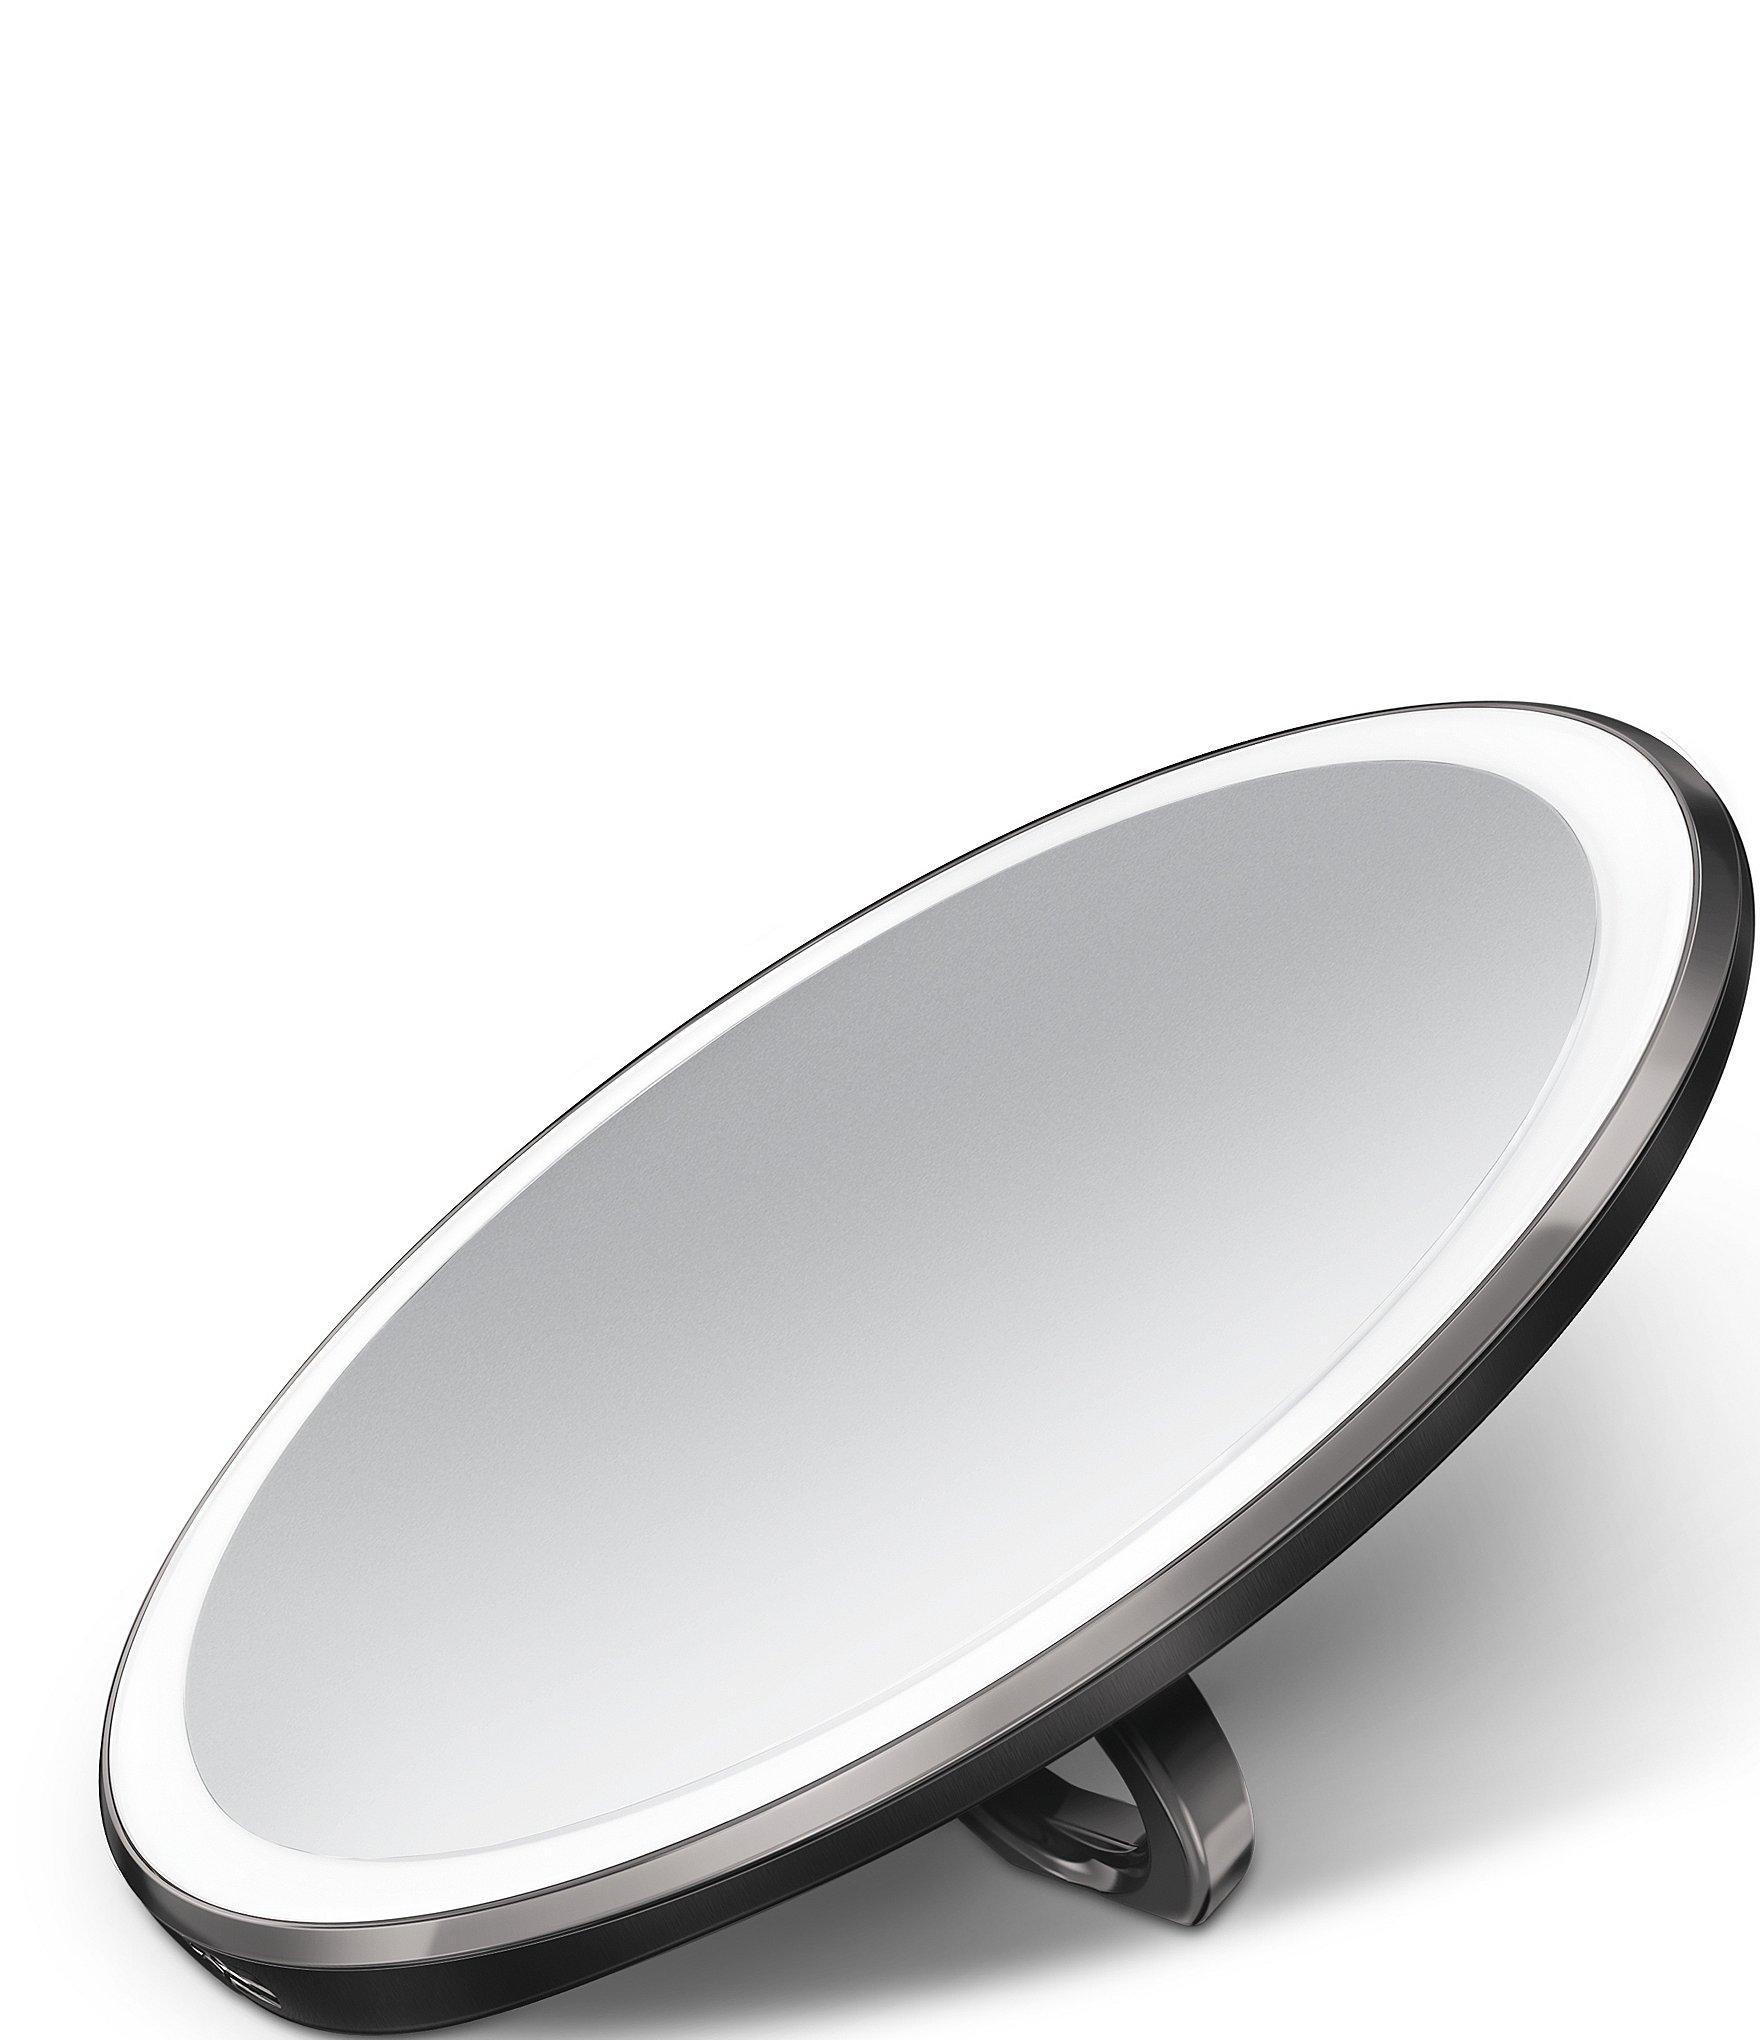 Simplehuman 4 Quot Sensor Mirror Compact Dillards